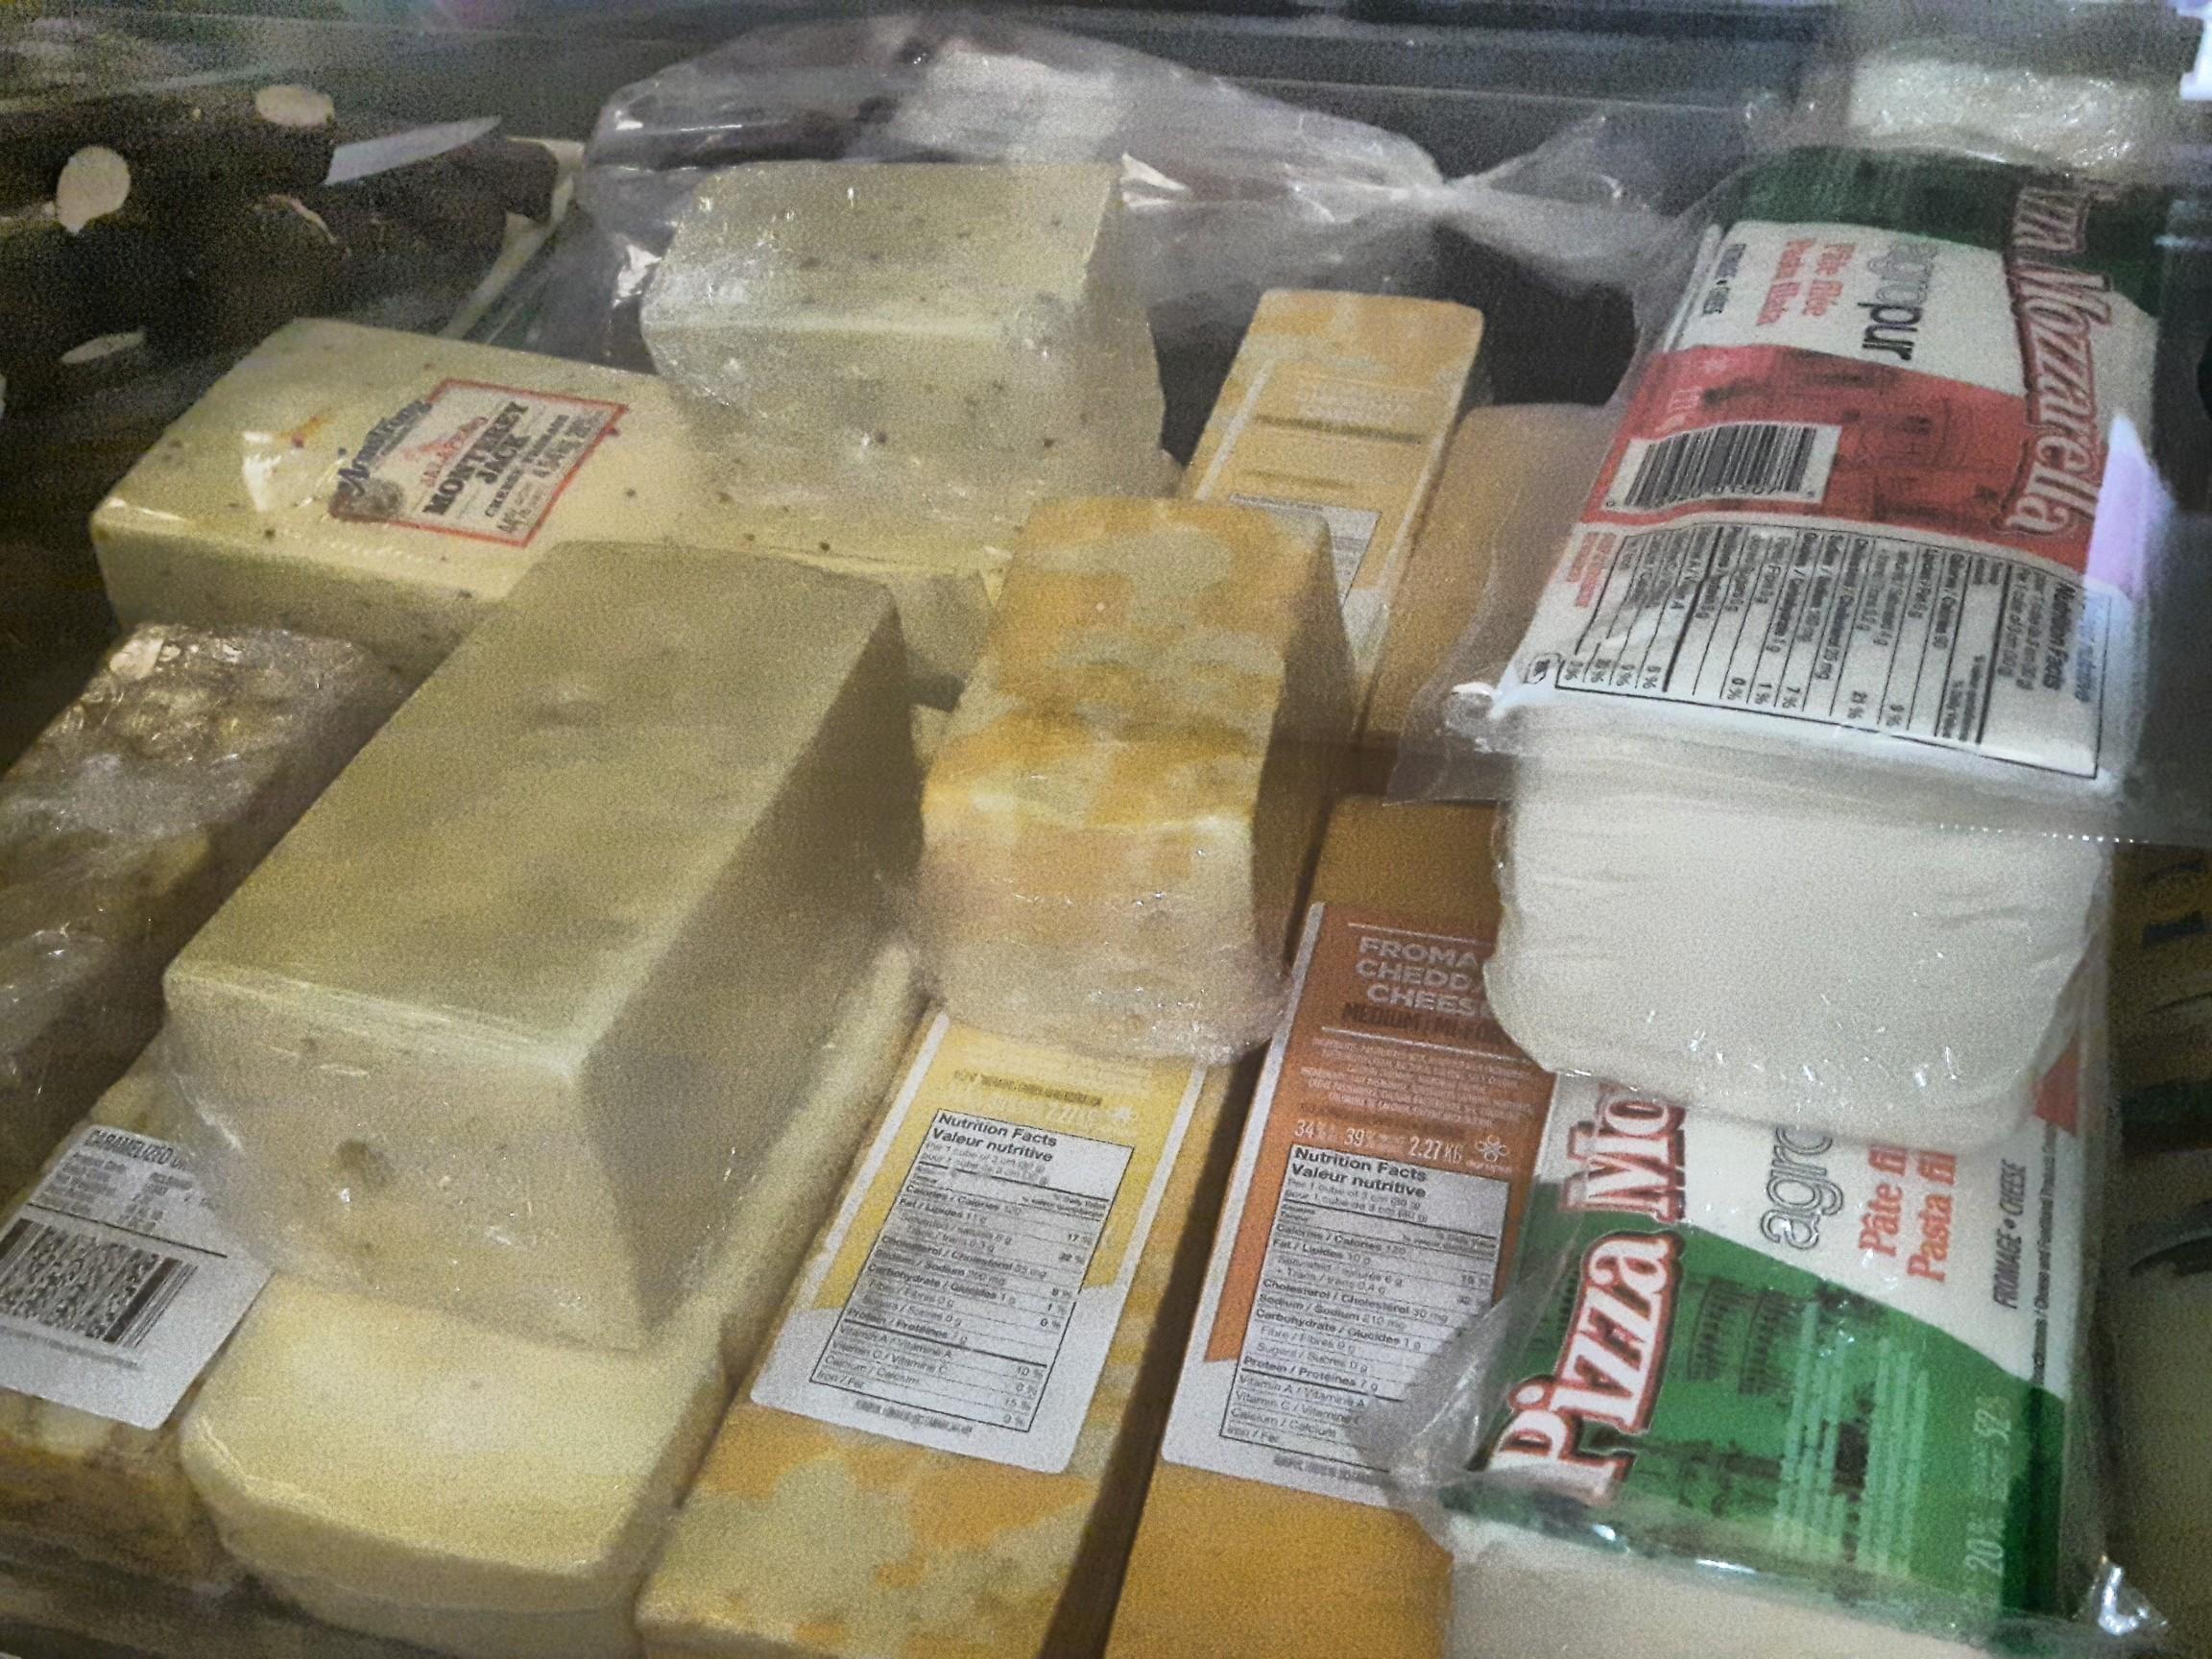 https://0901.nccdn.net/4_2/000/000/038/2d3/cheeses.jpg